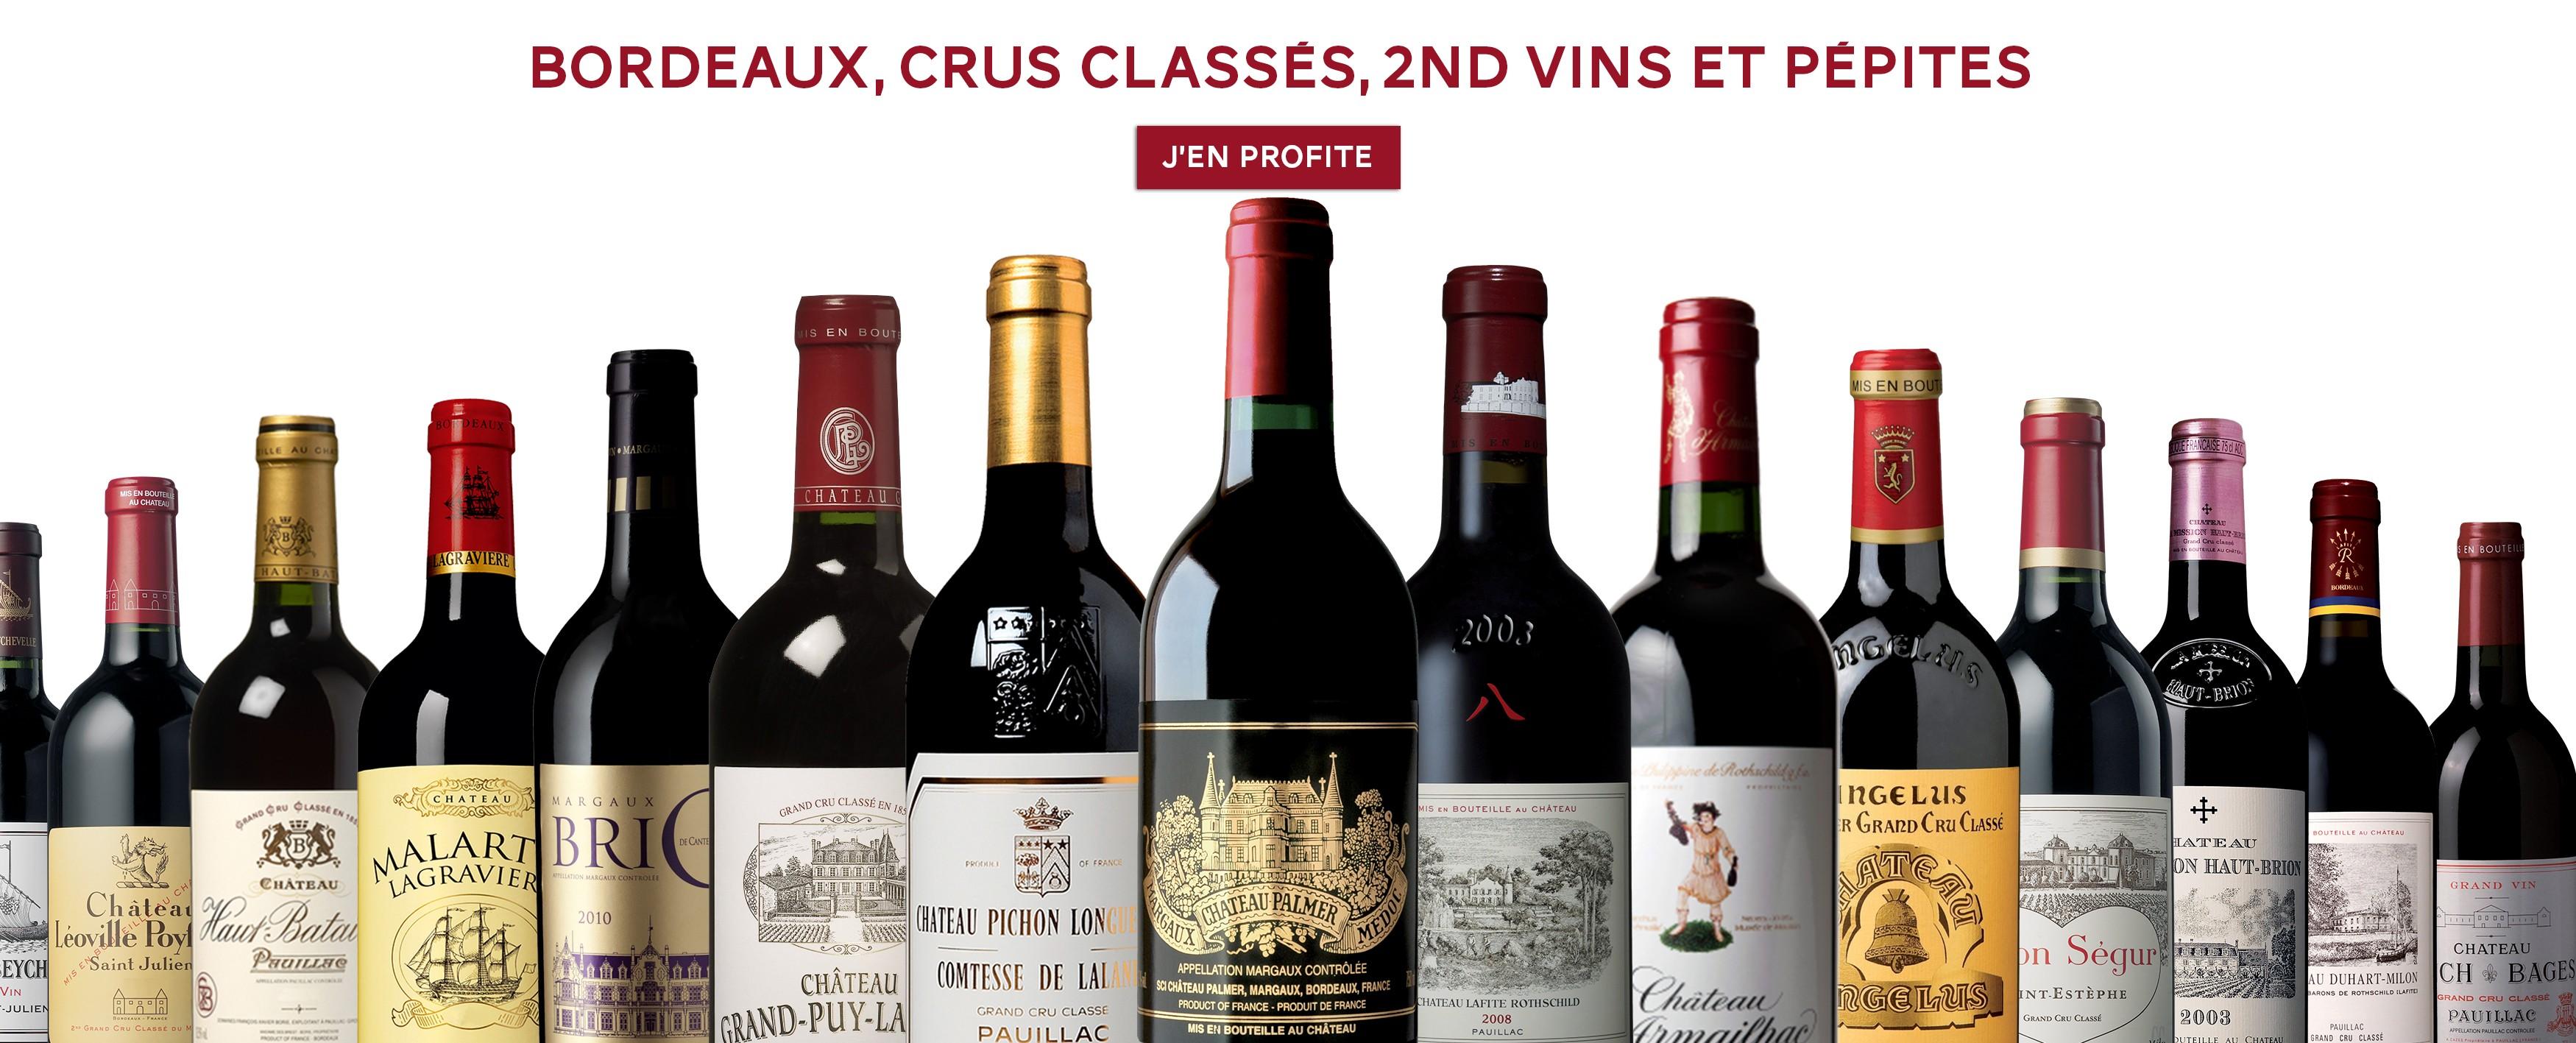 Bordeaux, Crus Classés et 2nd Vin